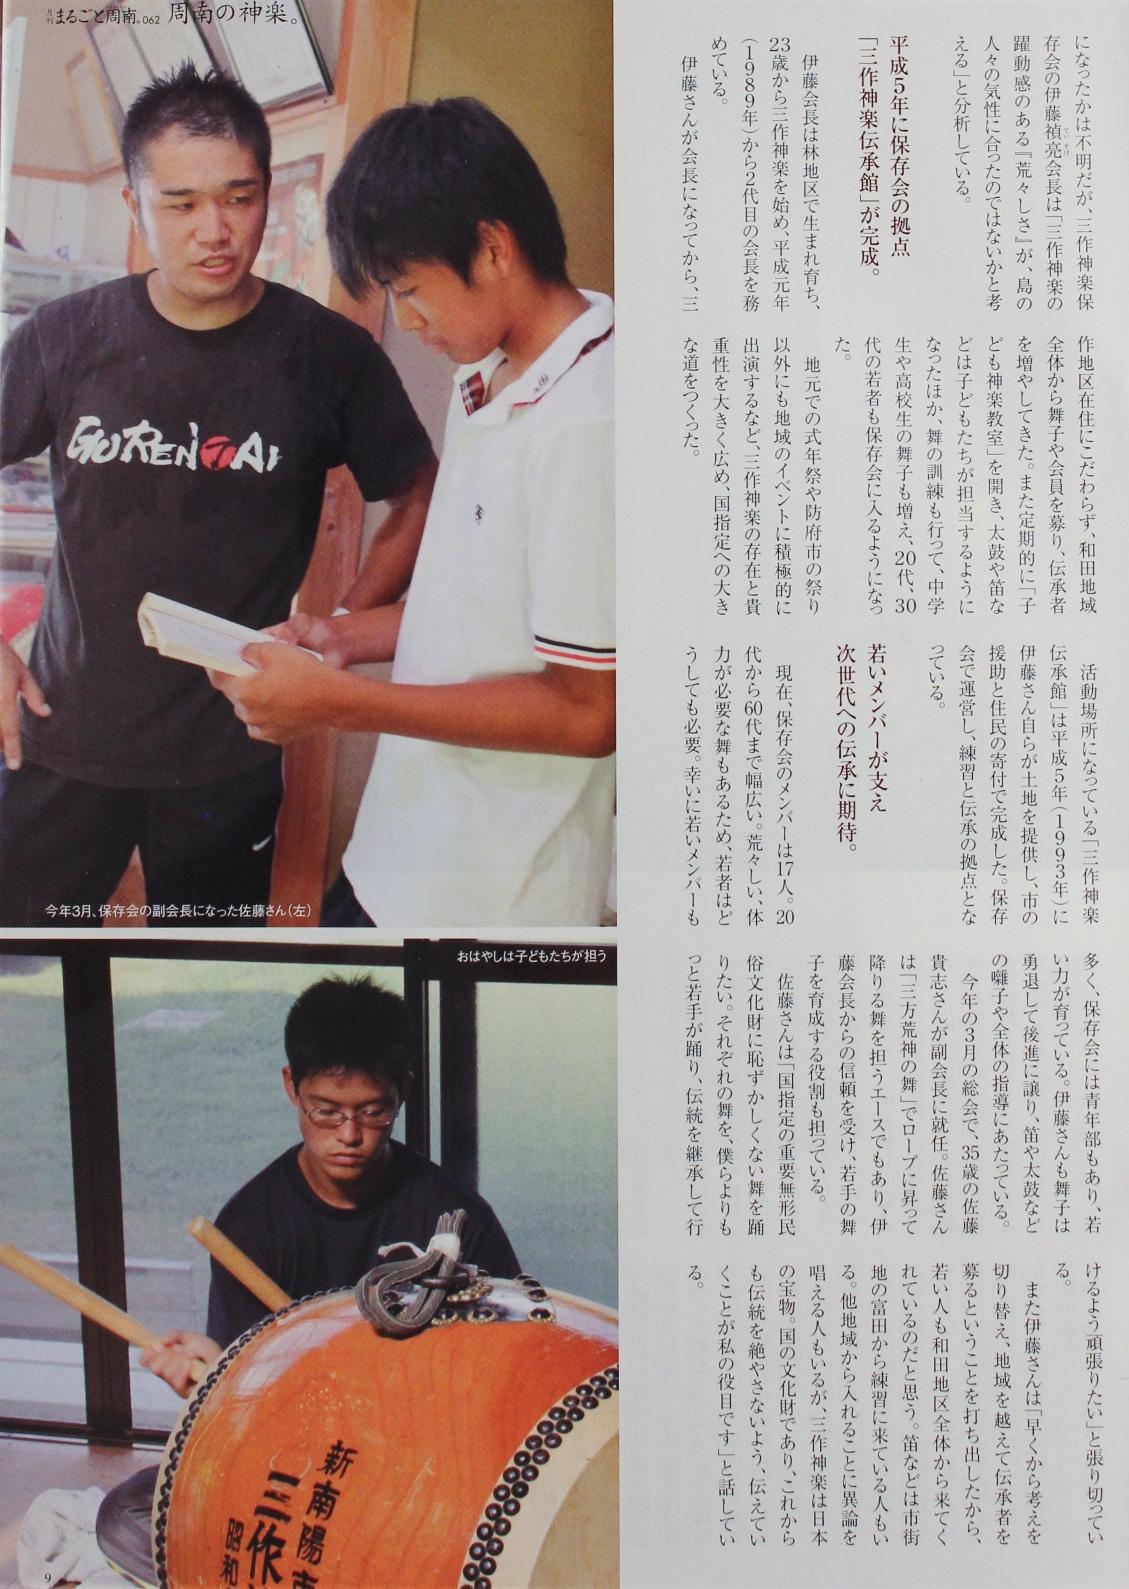 06 - コピー